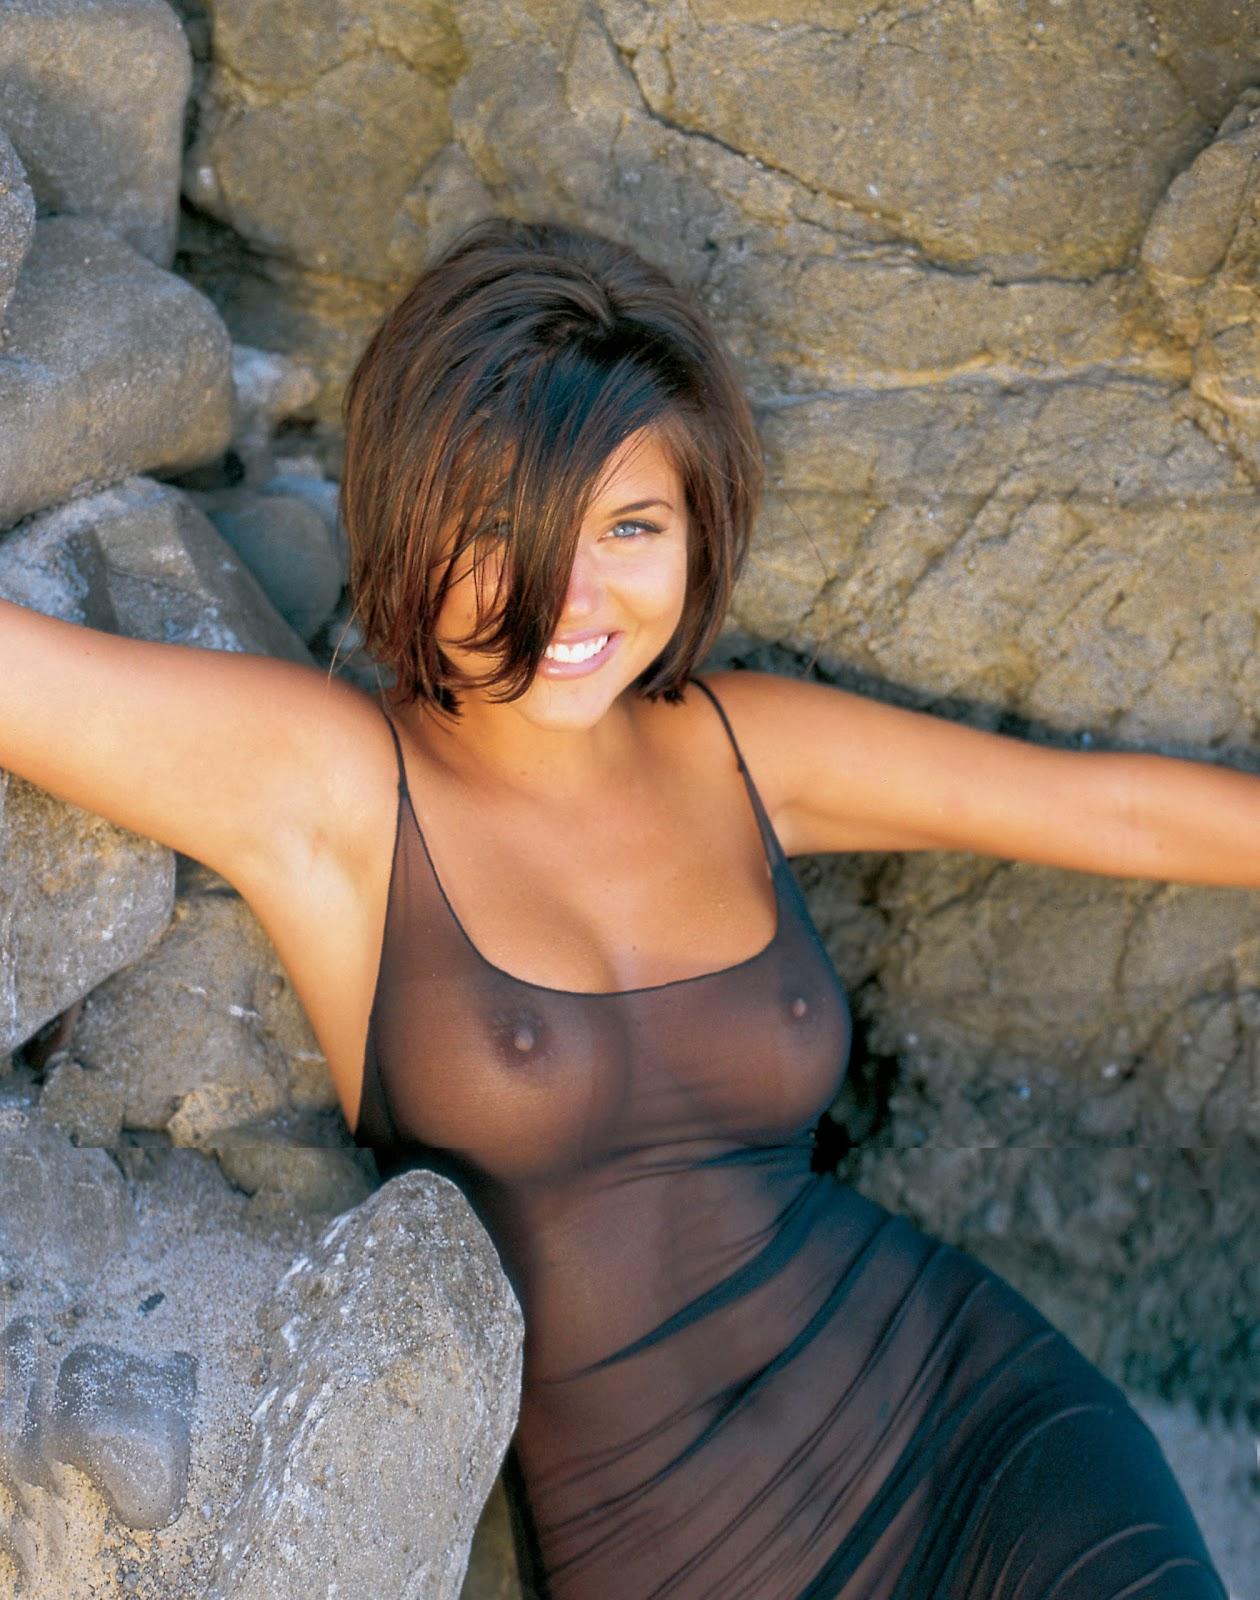 Nude photo of tiffani thiessen apologise, but